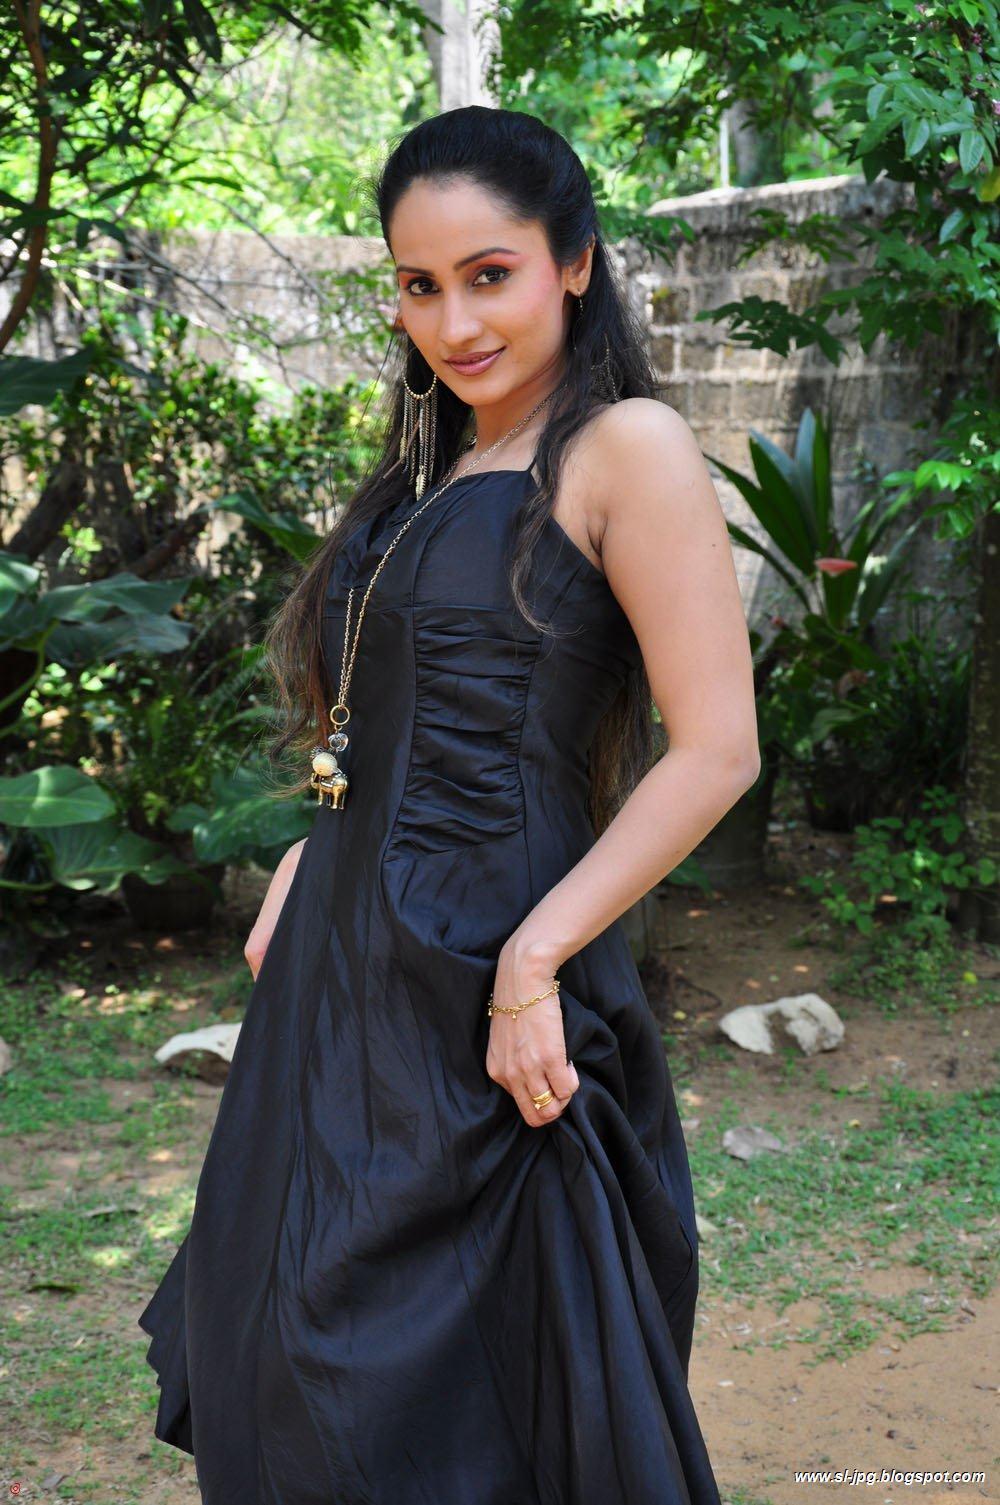 Srilankan Actress Sri Lankan Actress Oshani Dias Hot Photos-5938